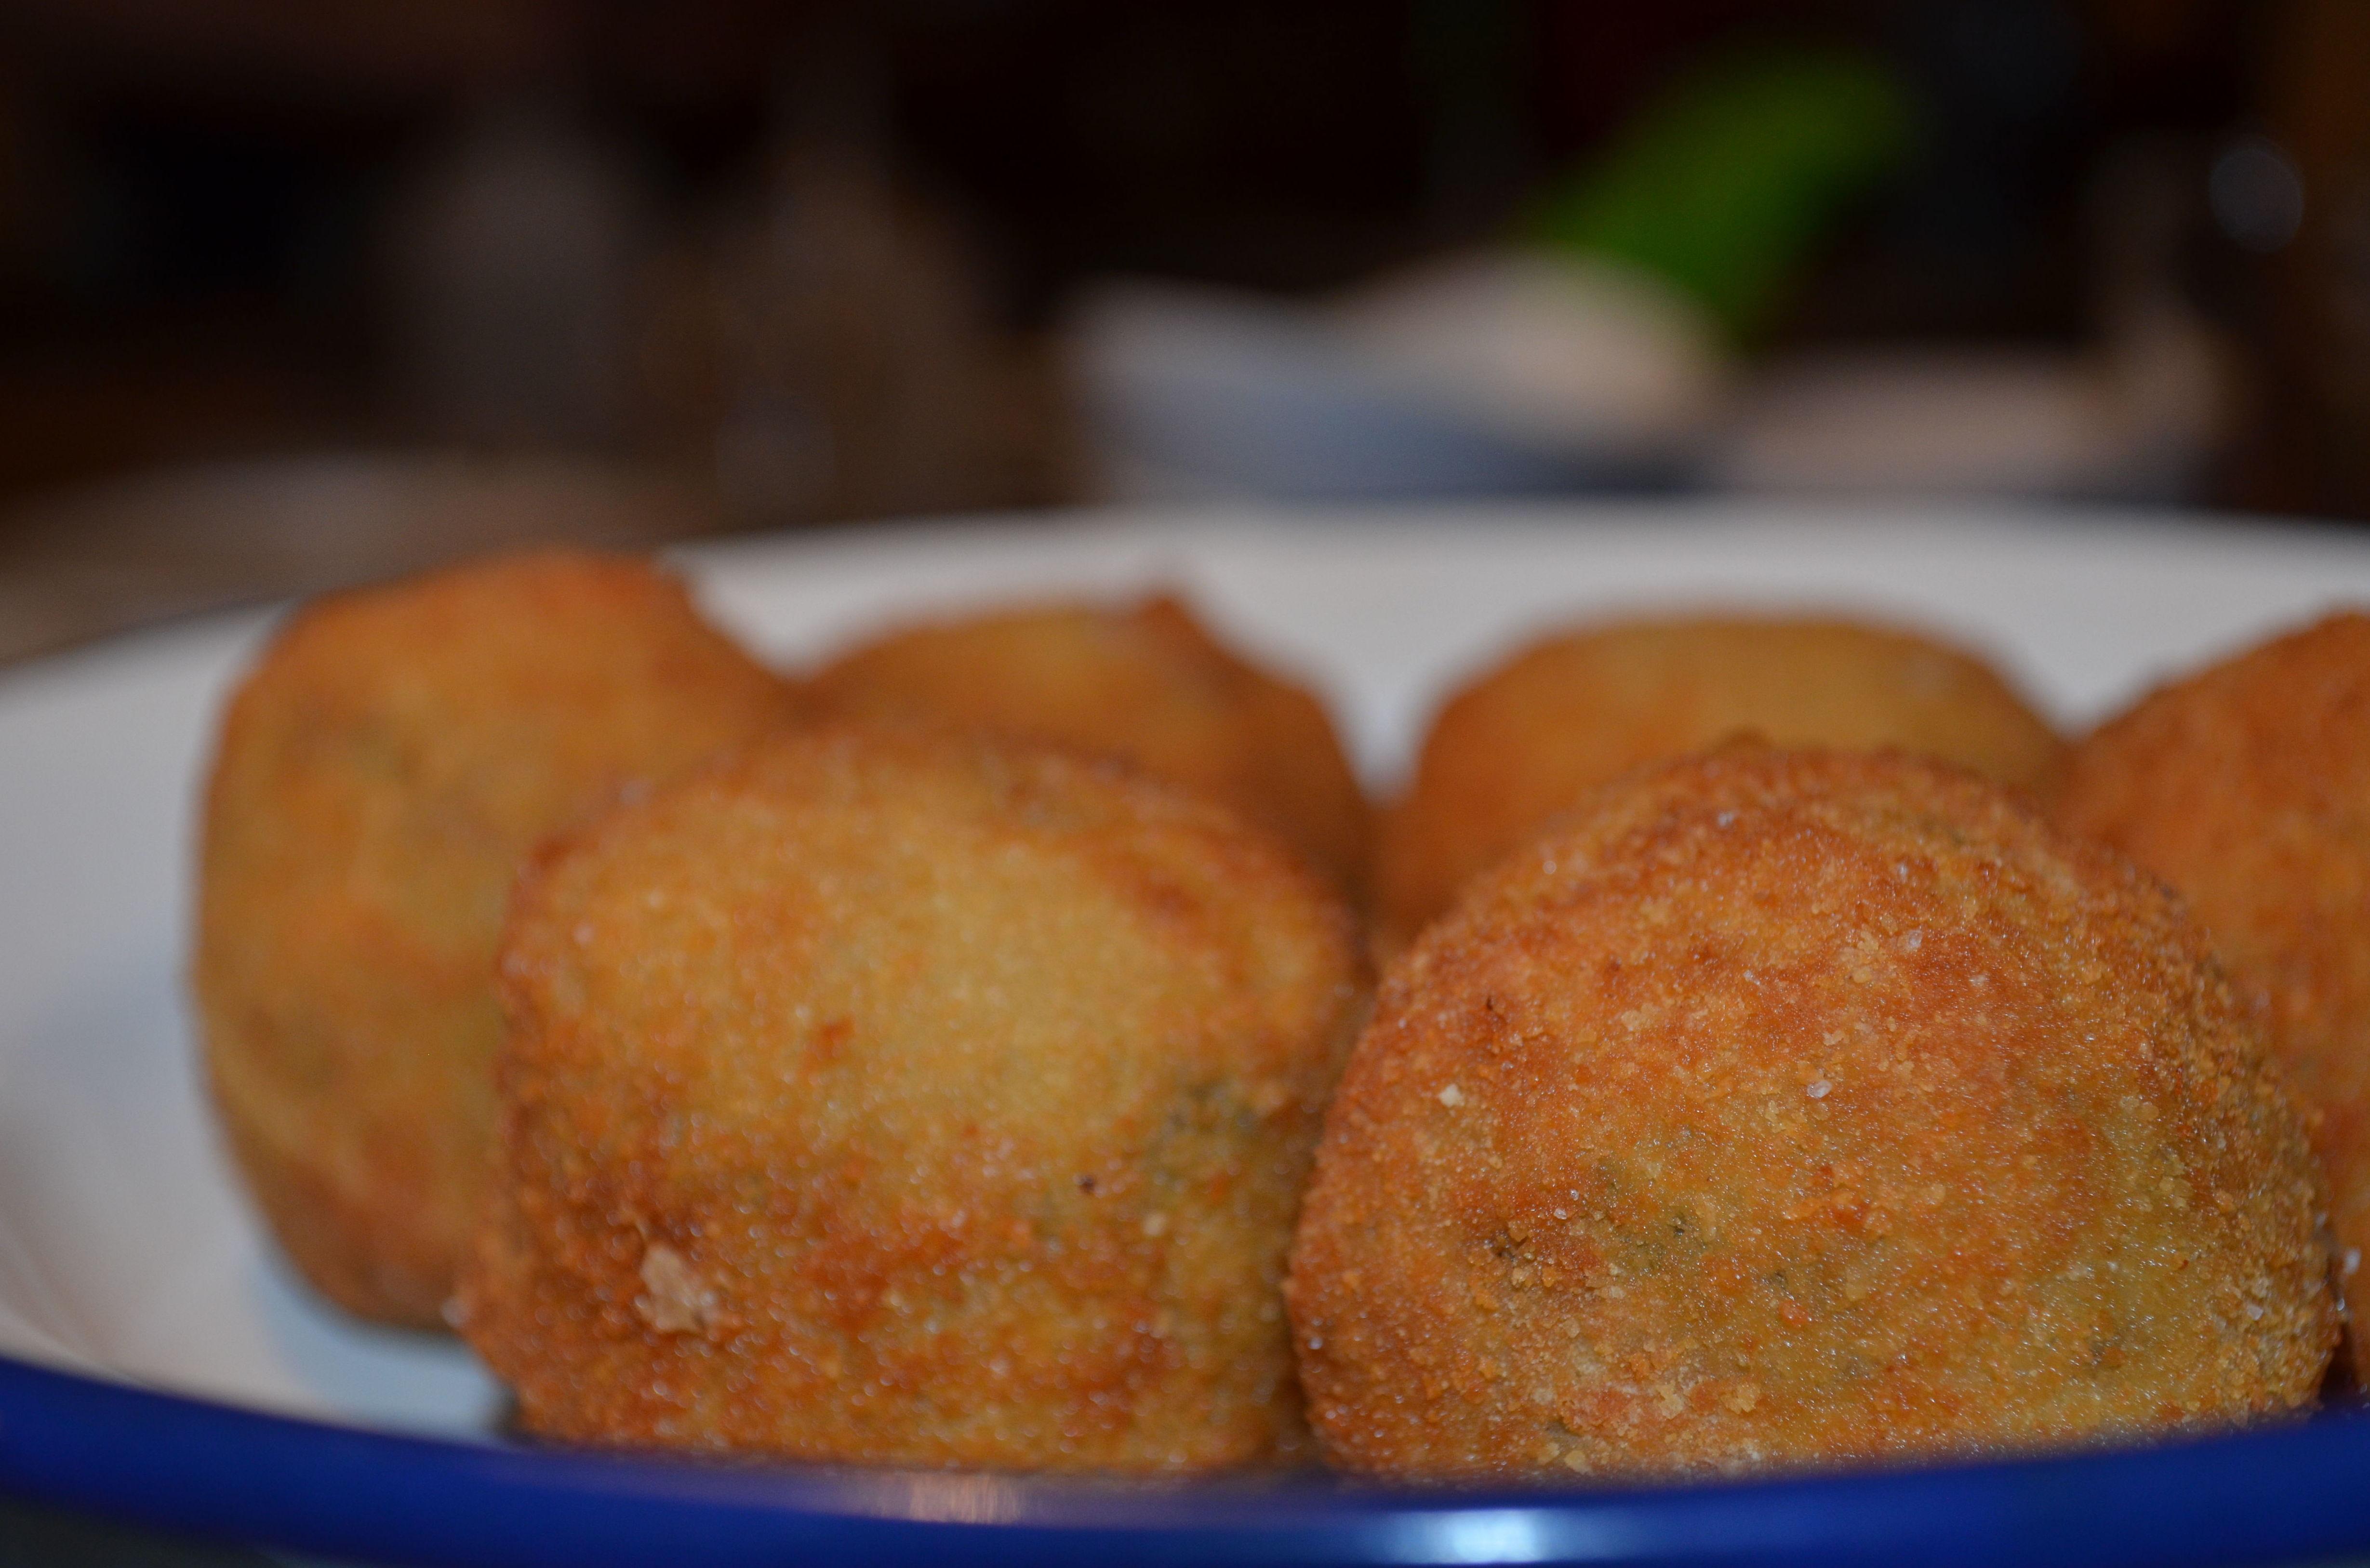 Foto 13 de Cocina mediterránea en Santa Eulària des Riu | Restaurante Parrilla con huerto propio (ESTAMOS CERRADOS HASTA EL 01/04/2019)